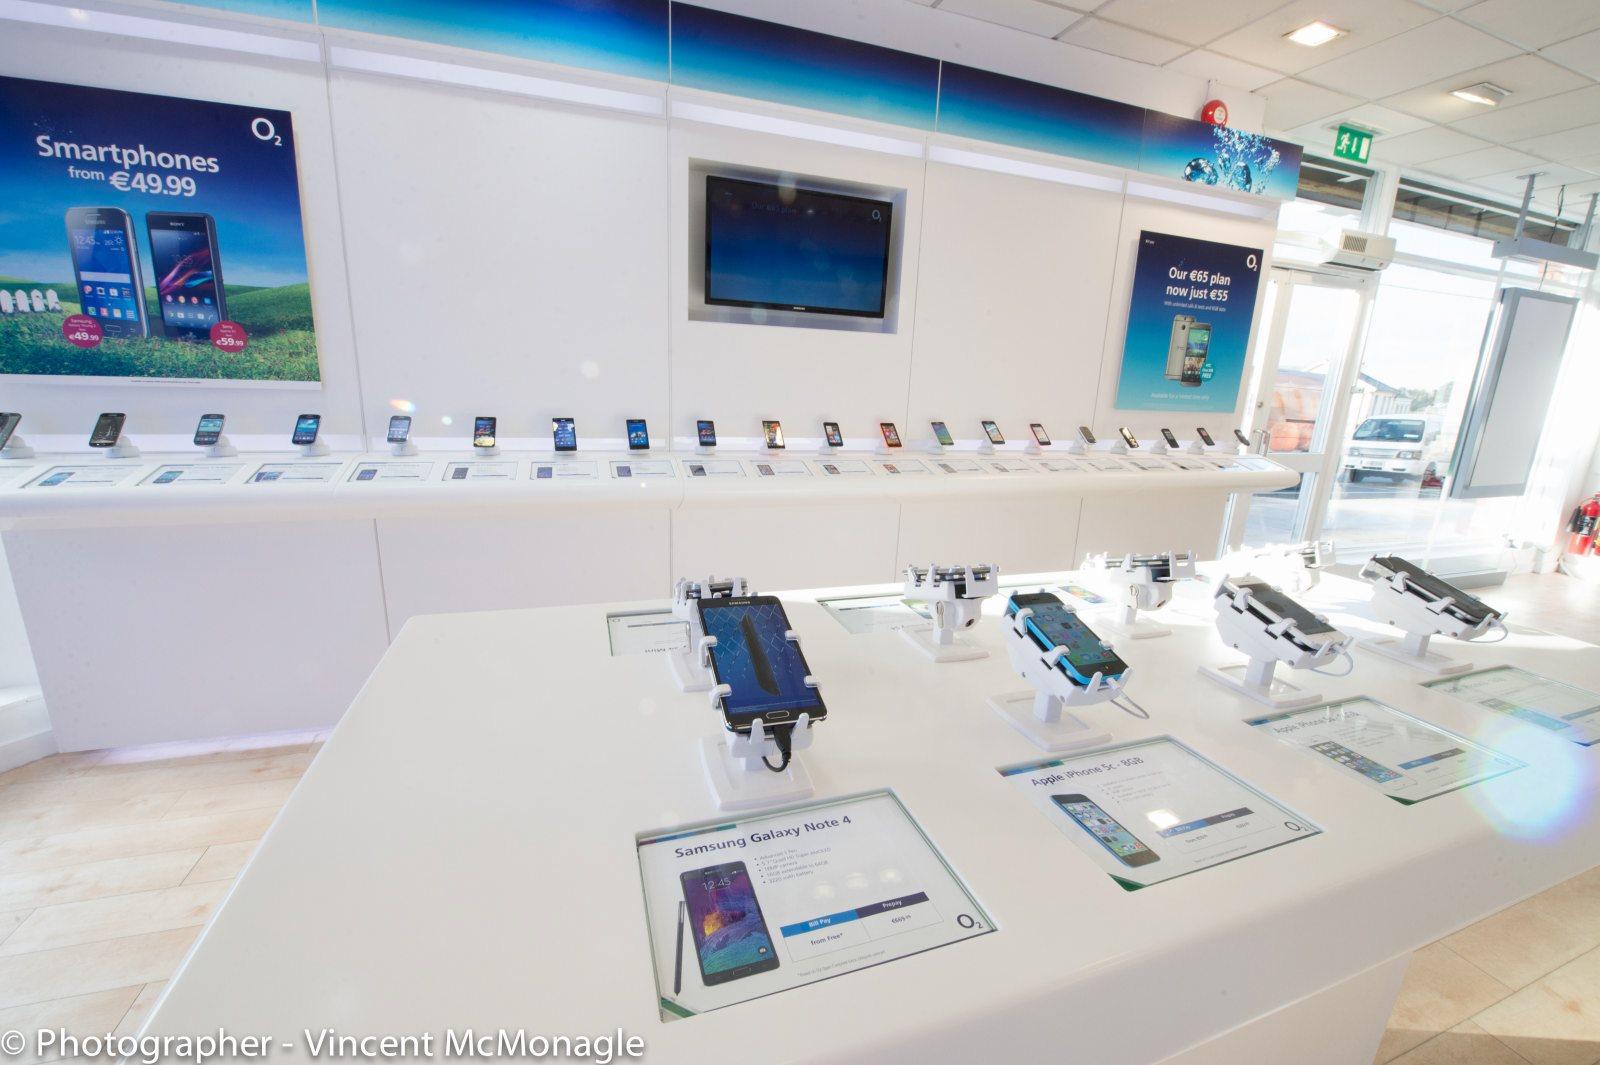 gripzo-o2-three-mobile-live-display-table-125.jpg